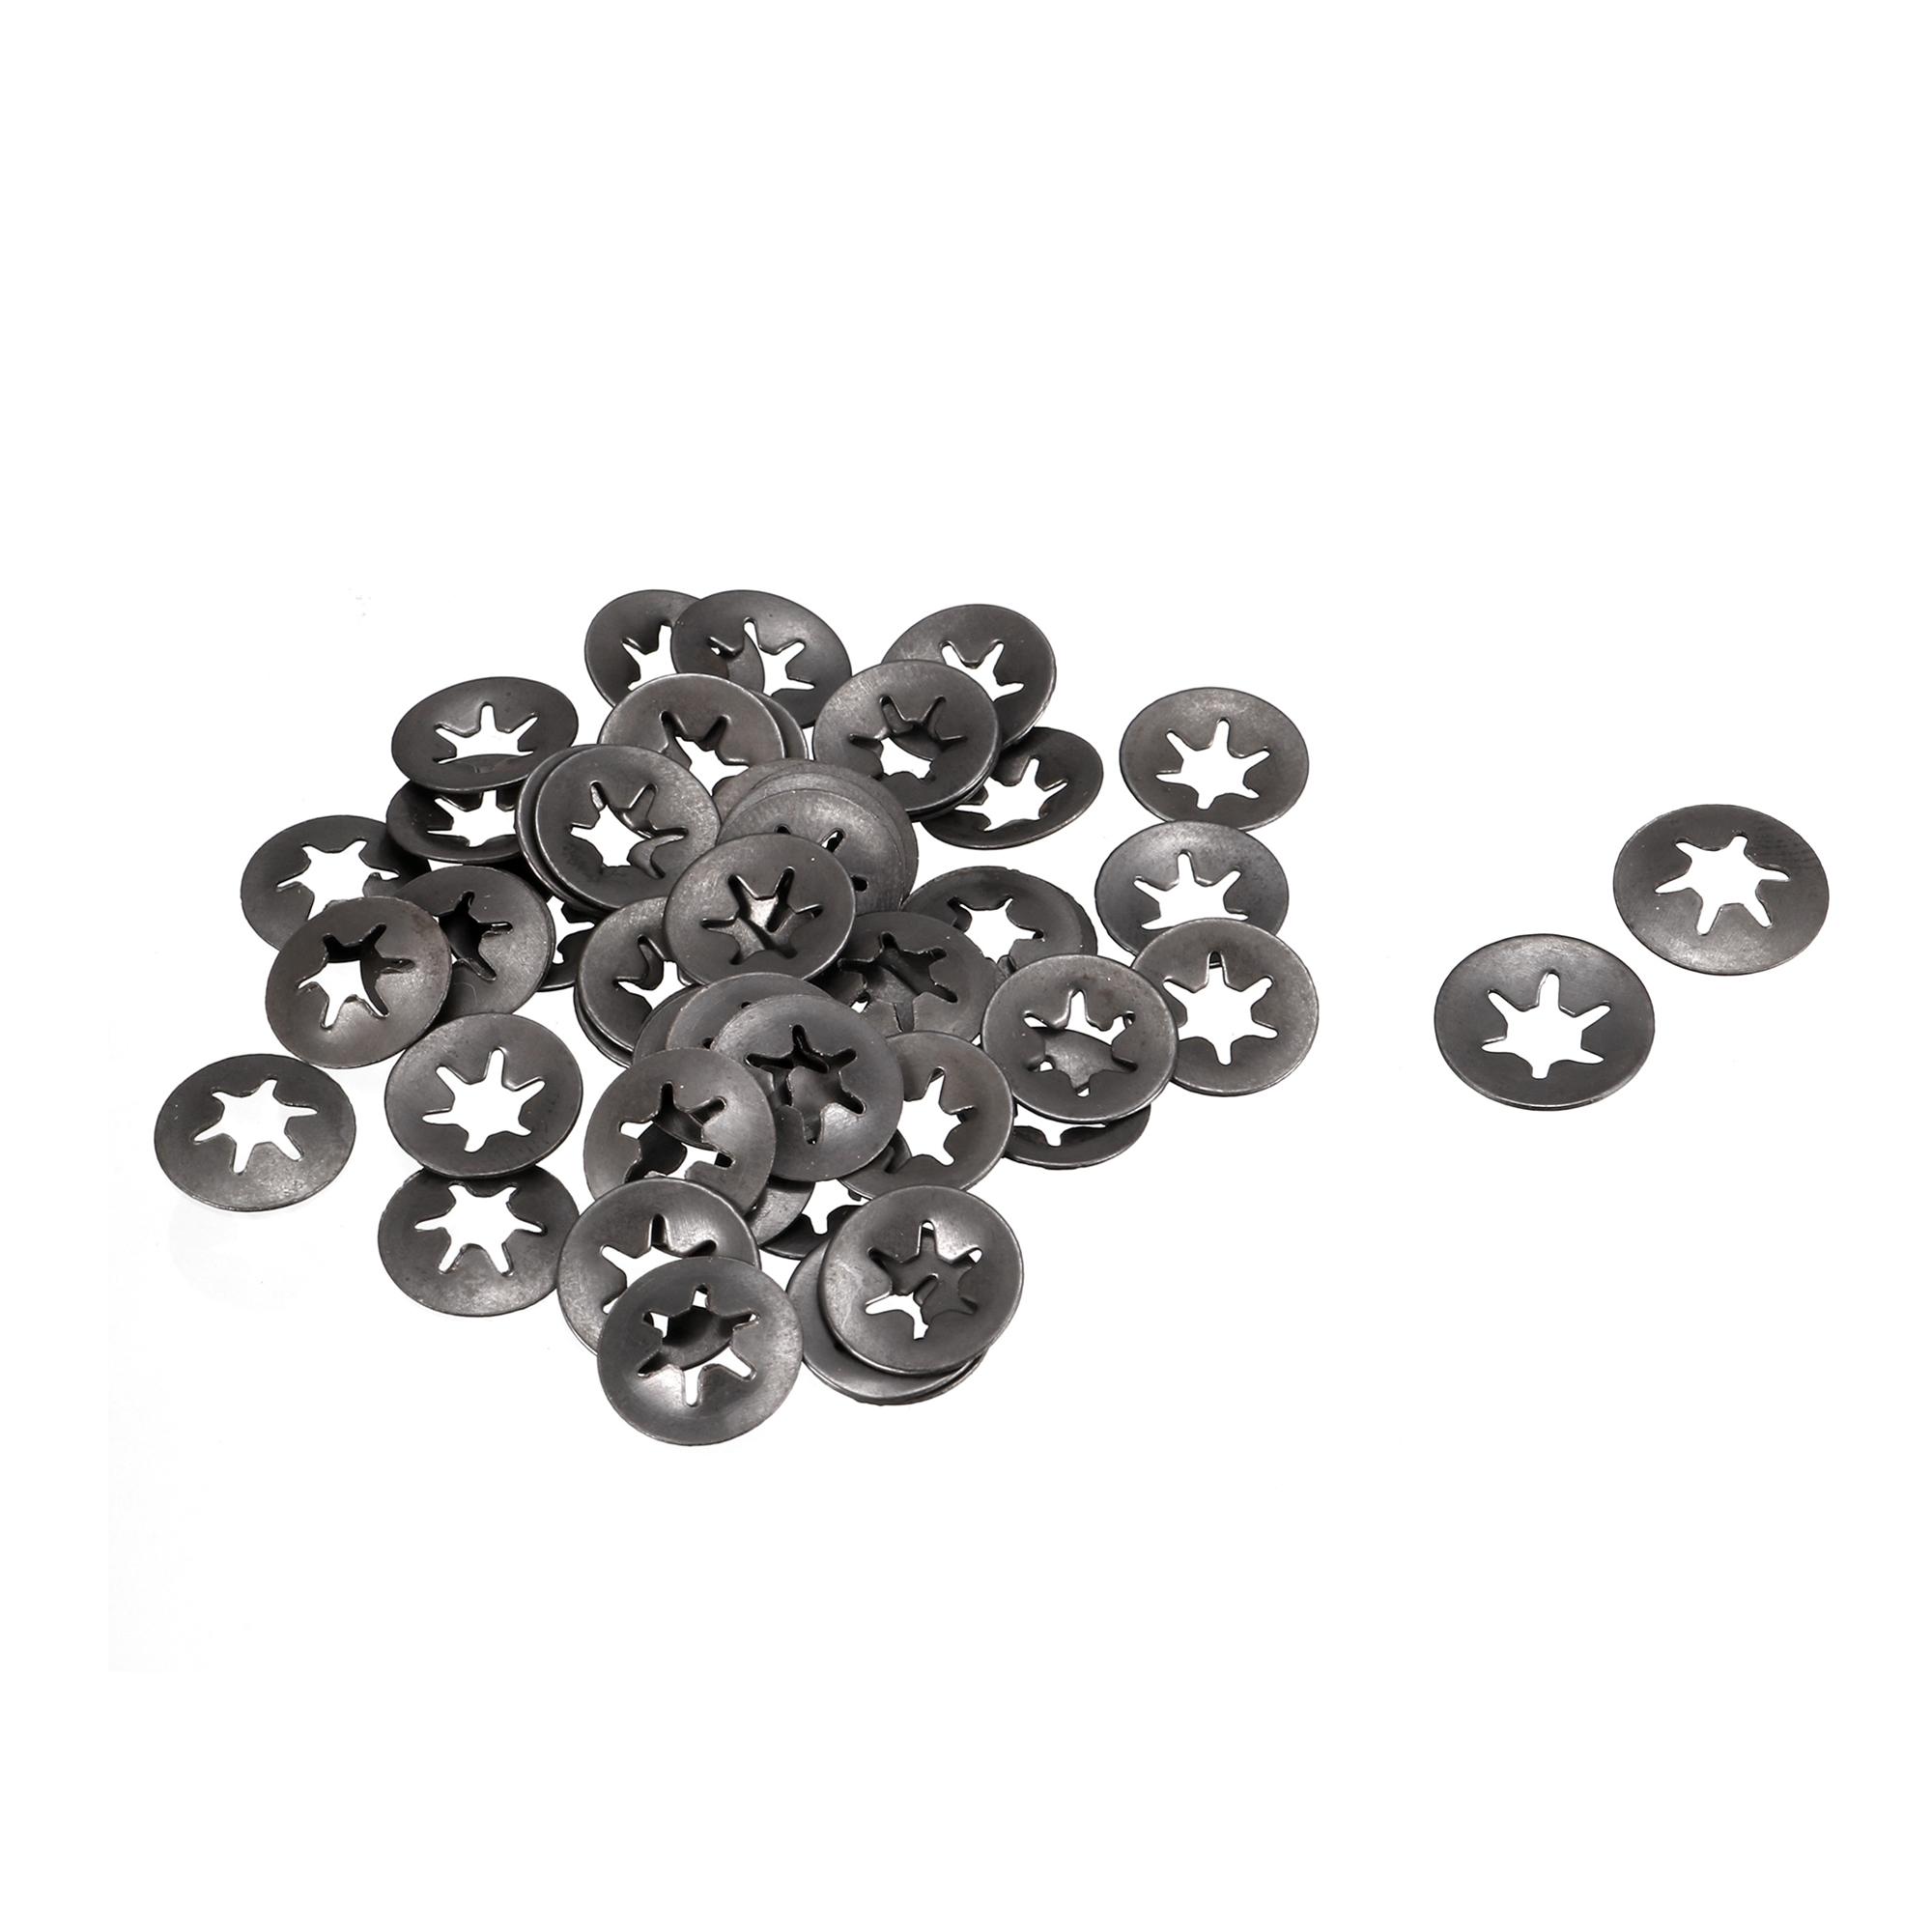 4mm x 11.4mm x 1.4mm Starlock Locking Washers Speed Clips Fasteners 100 Pcs